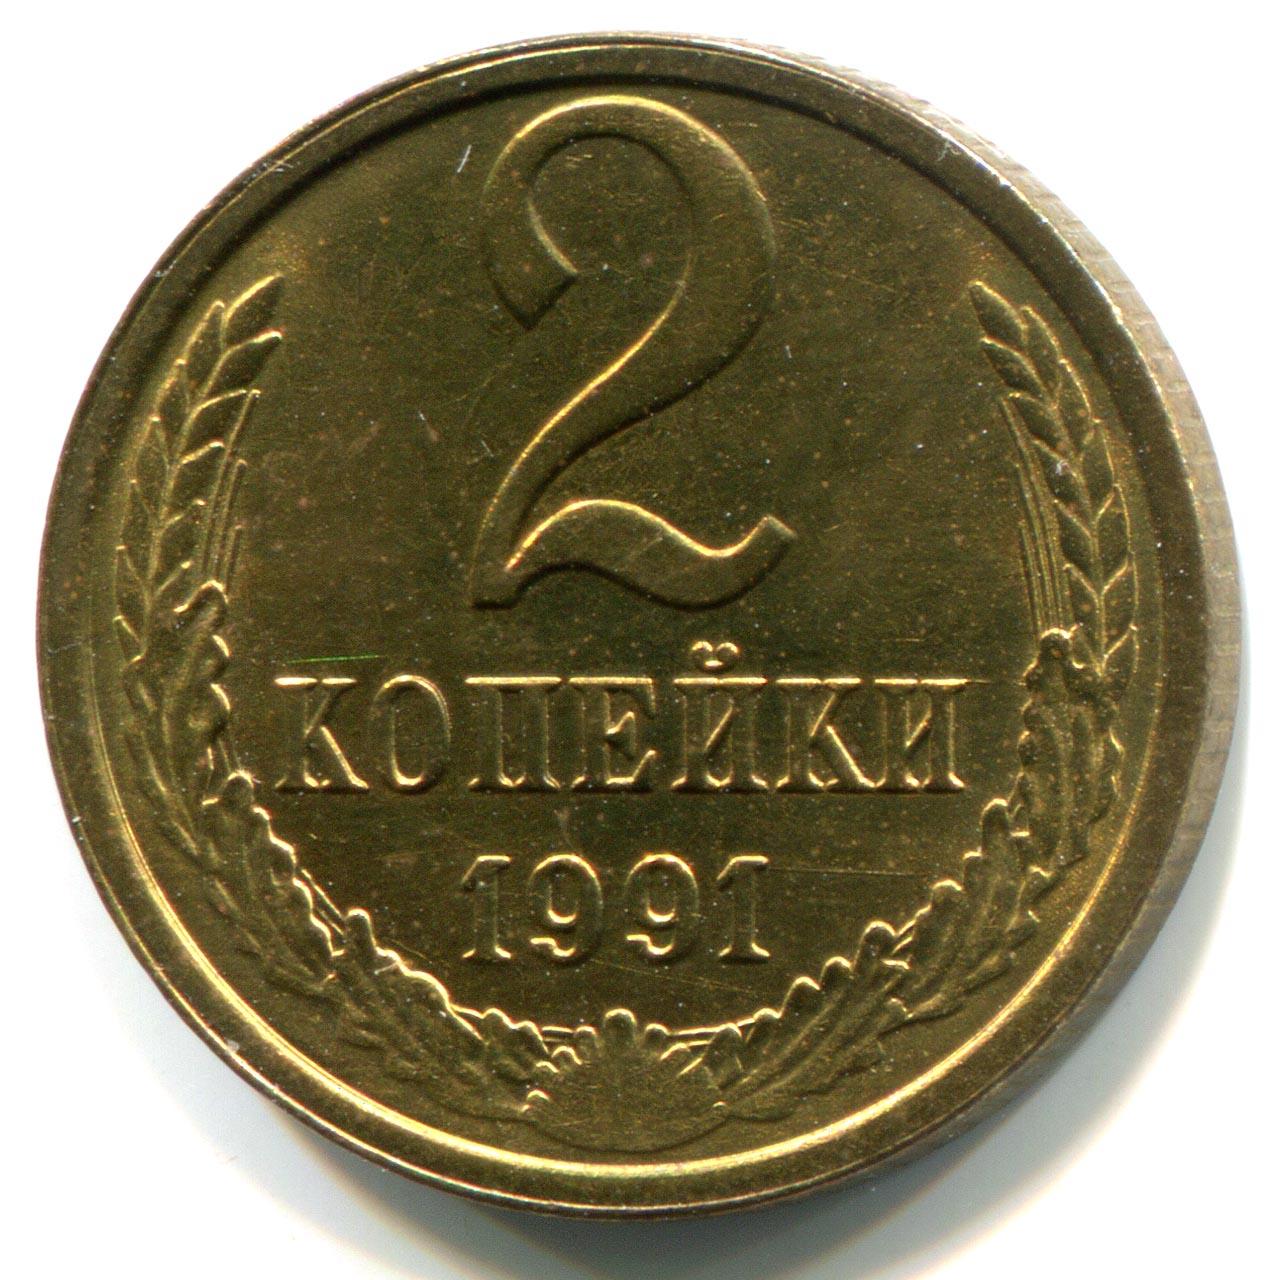 2 копейки 1991 года цена в украине доллары 2006 года